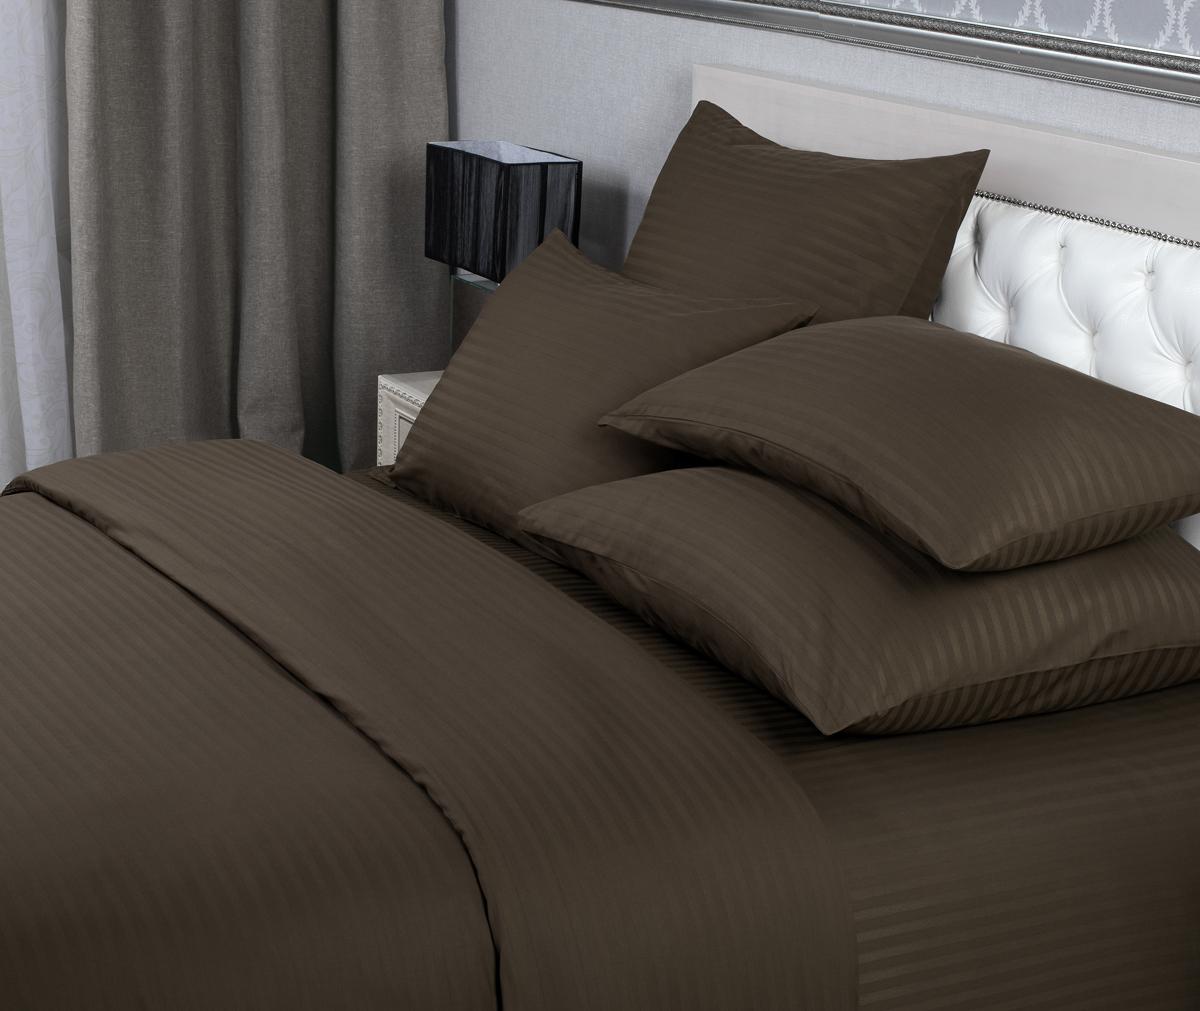 Комплект белья Verossa, евро, наволочки 50х70 см, 70х70 см, цвет: шоколадный